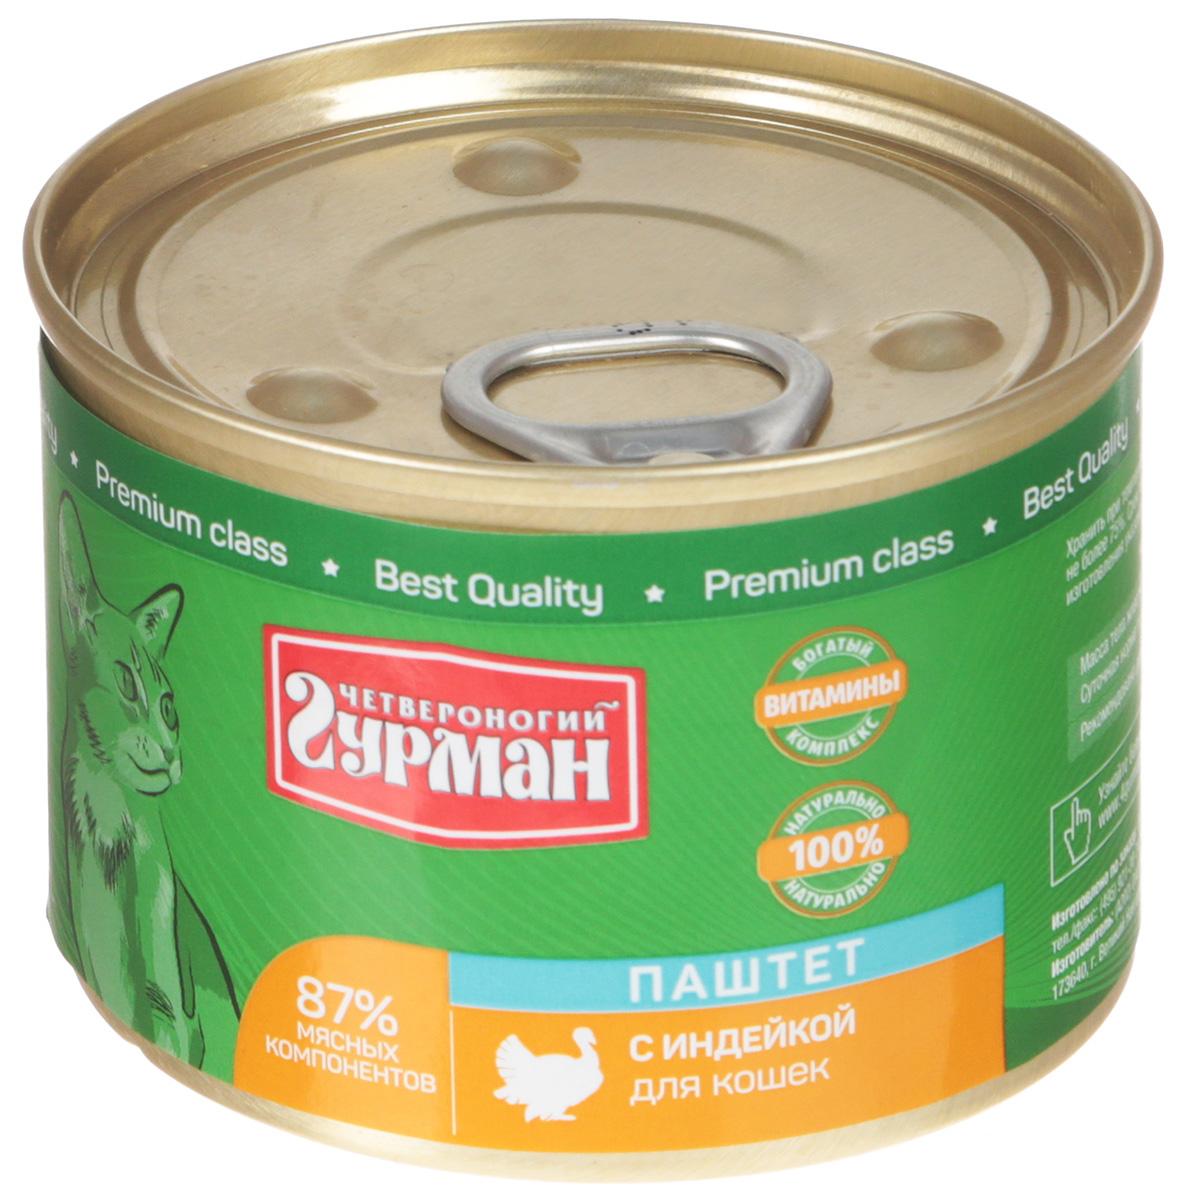 Консервы для кошек Четвероногий Гурман, паштет с индейкой, 190 г рыбий жир янтарная капля с витамином е 100 капсул х 0 3 мг